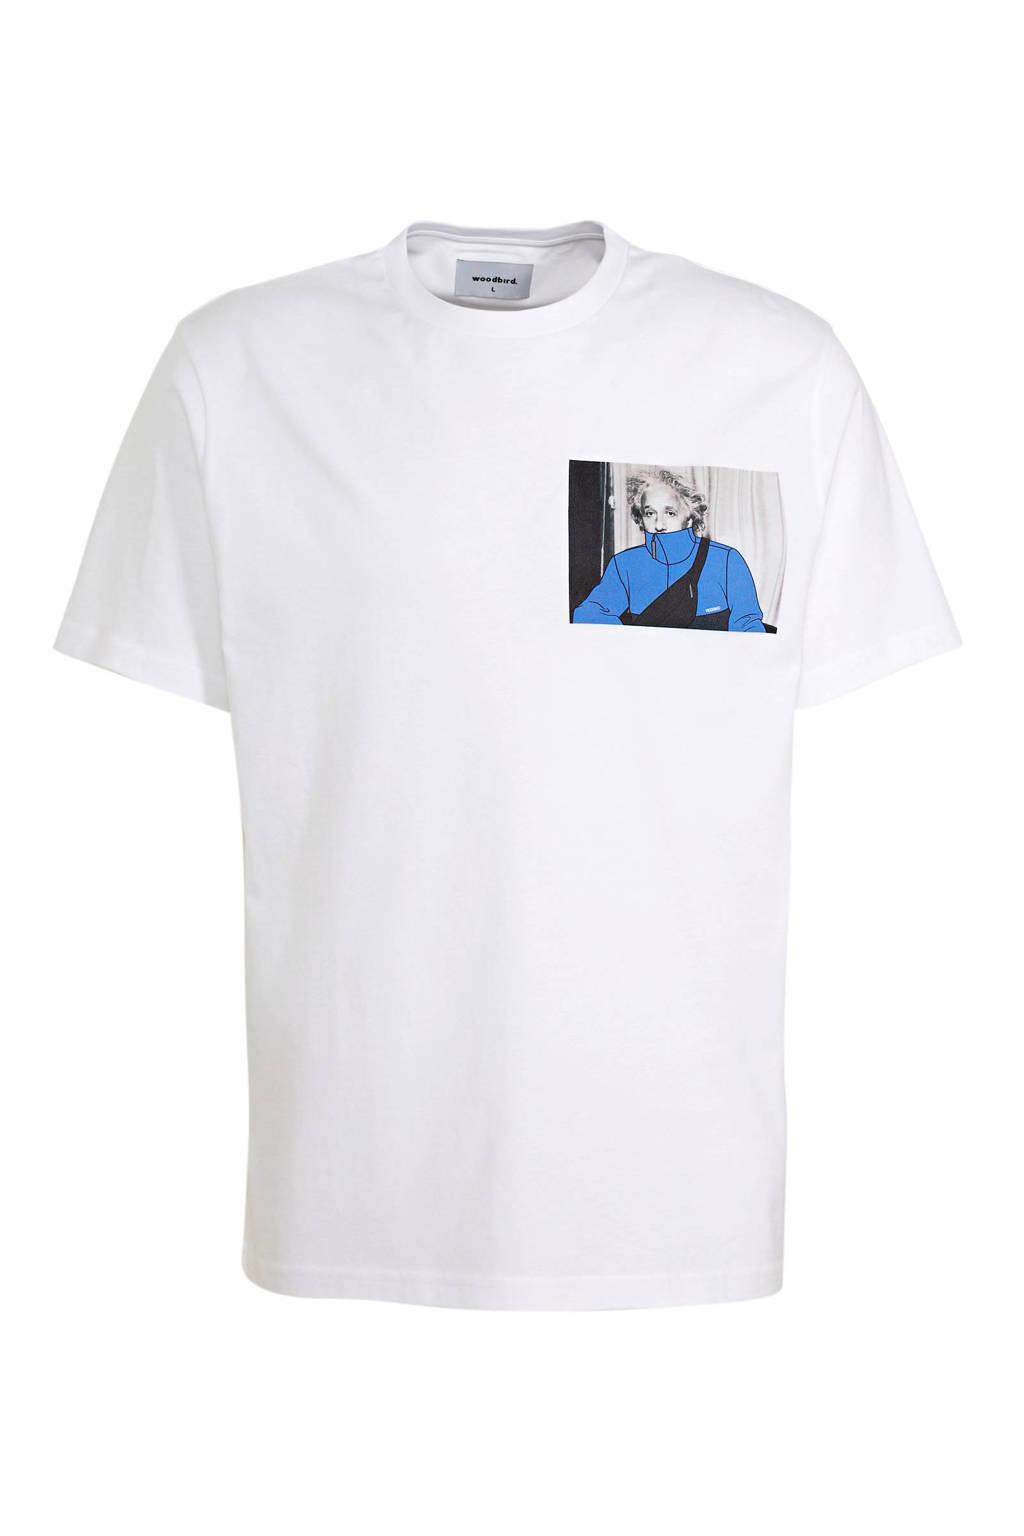 Woodbird T-shirt met printopdruk wit, Wit